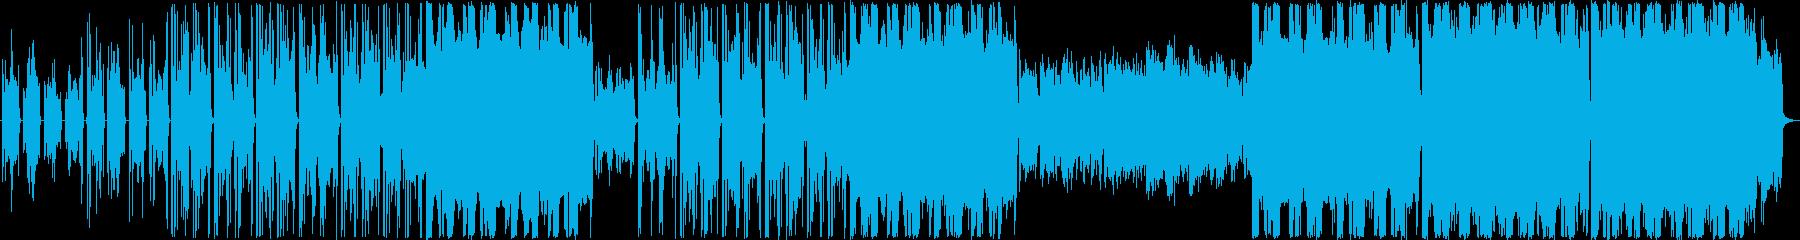 ロカビリー。ビル・ヘイリー。ロック...の再生済みの波形